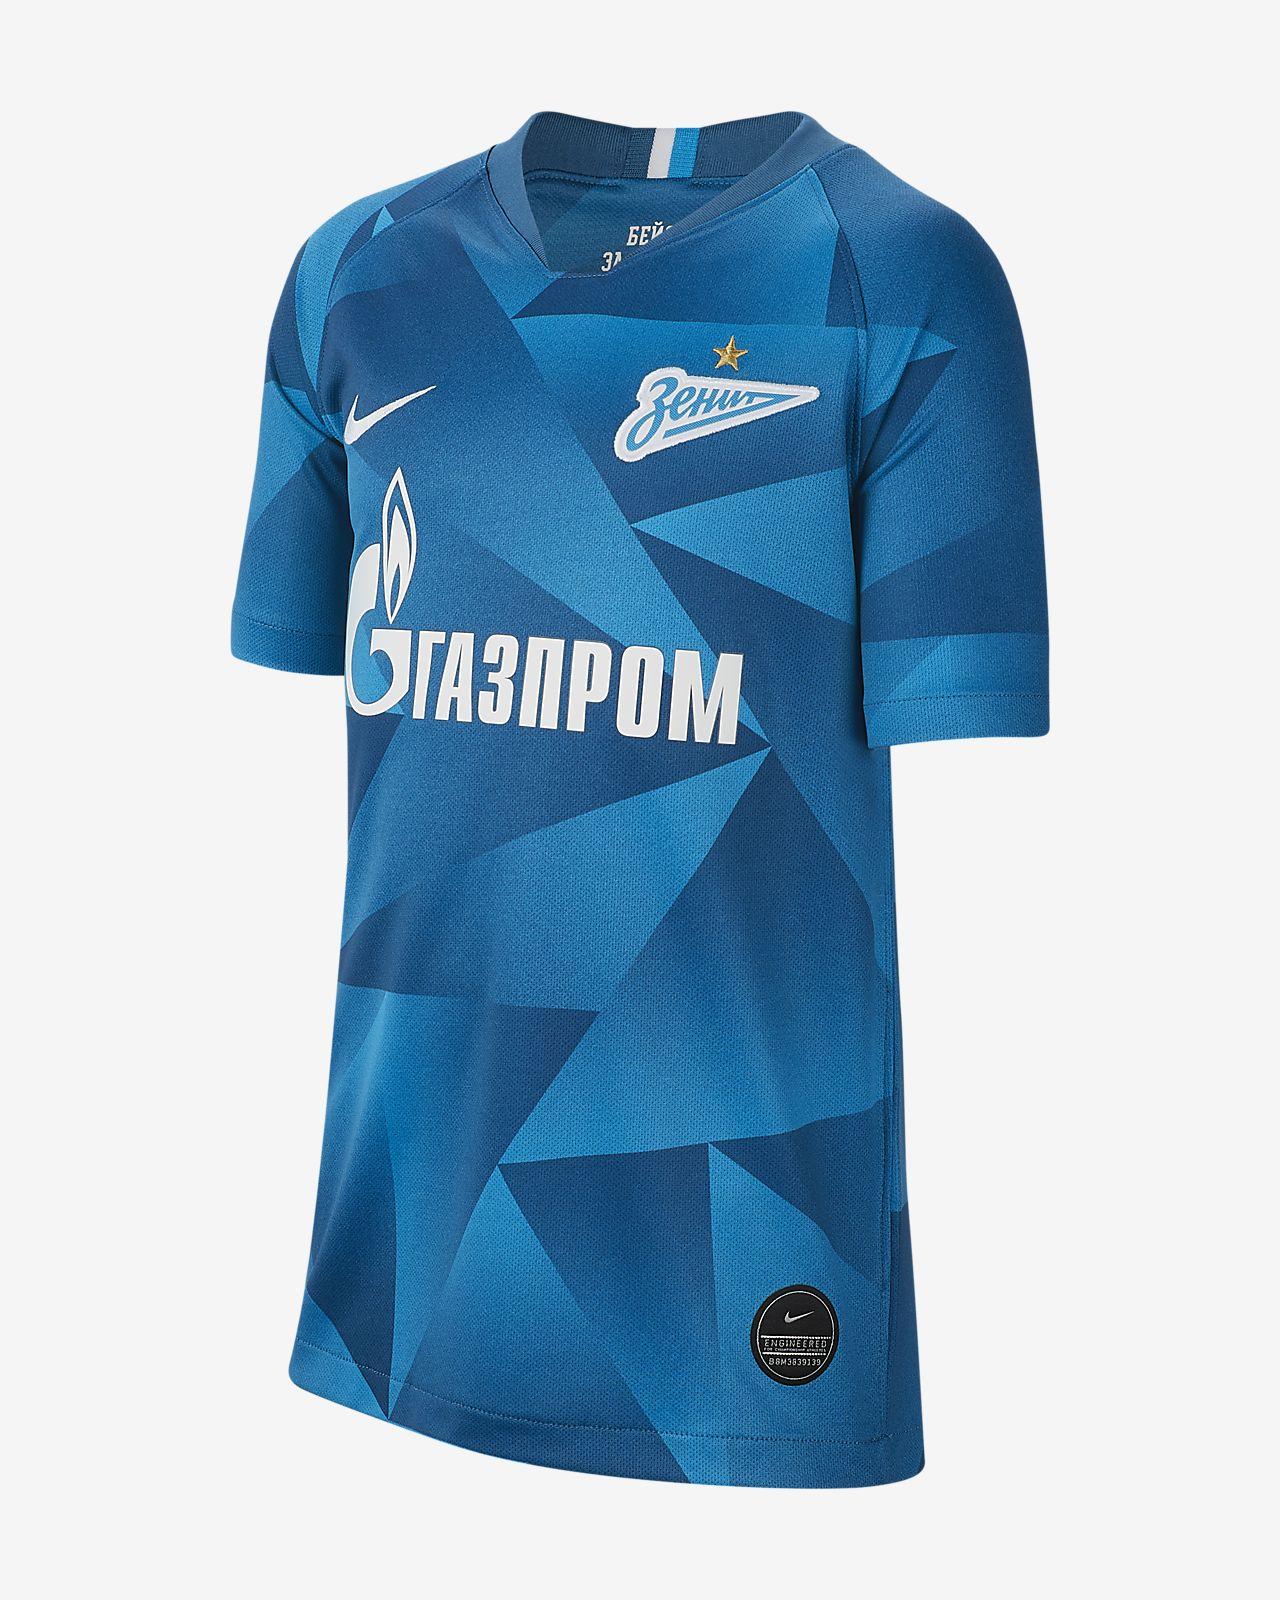 Zenit Saint Petersburg 2019/20 Stadium Home Fußballtrikot für ältere Kinder